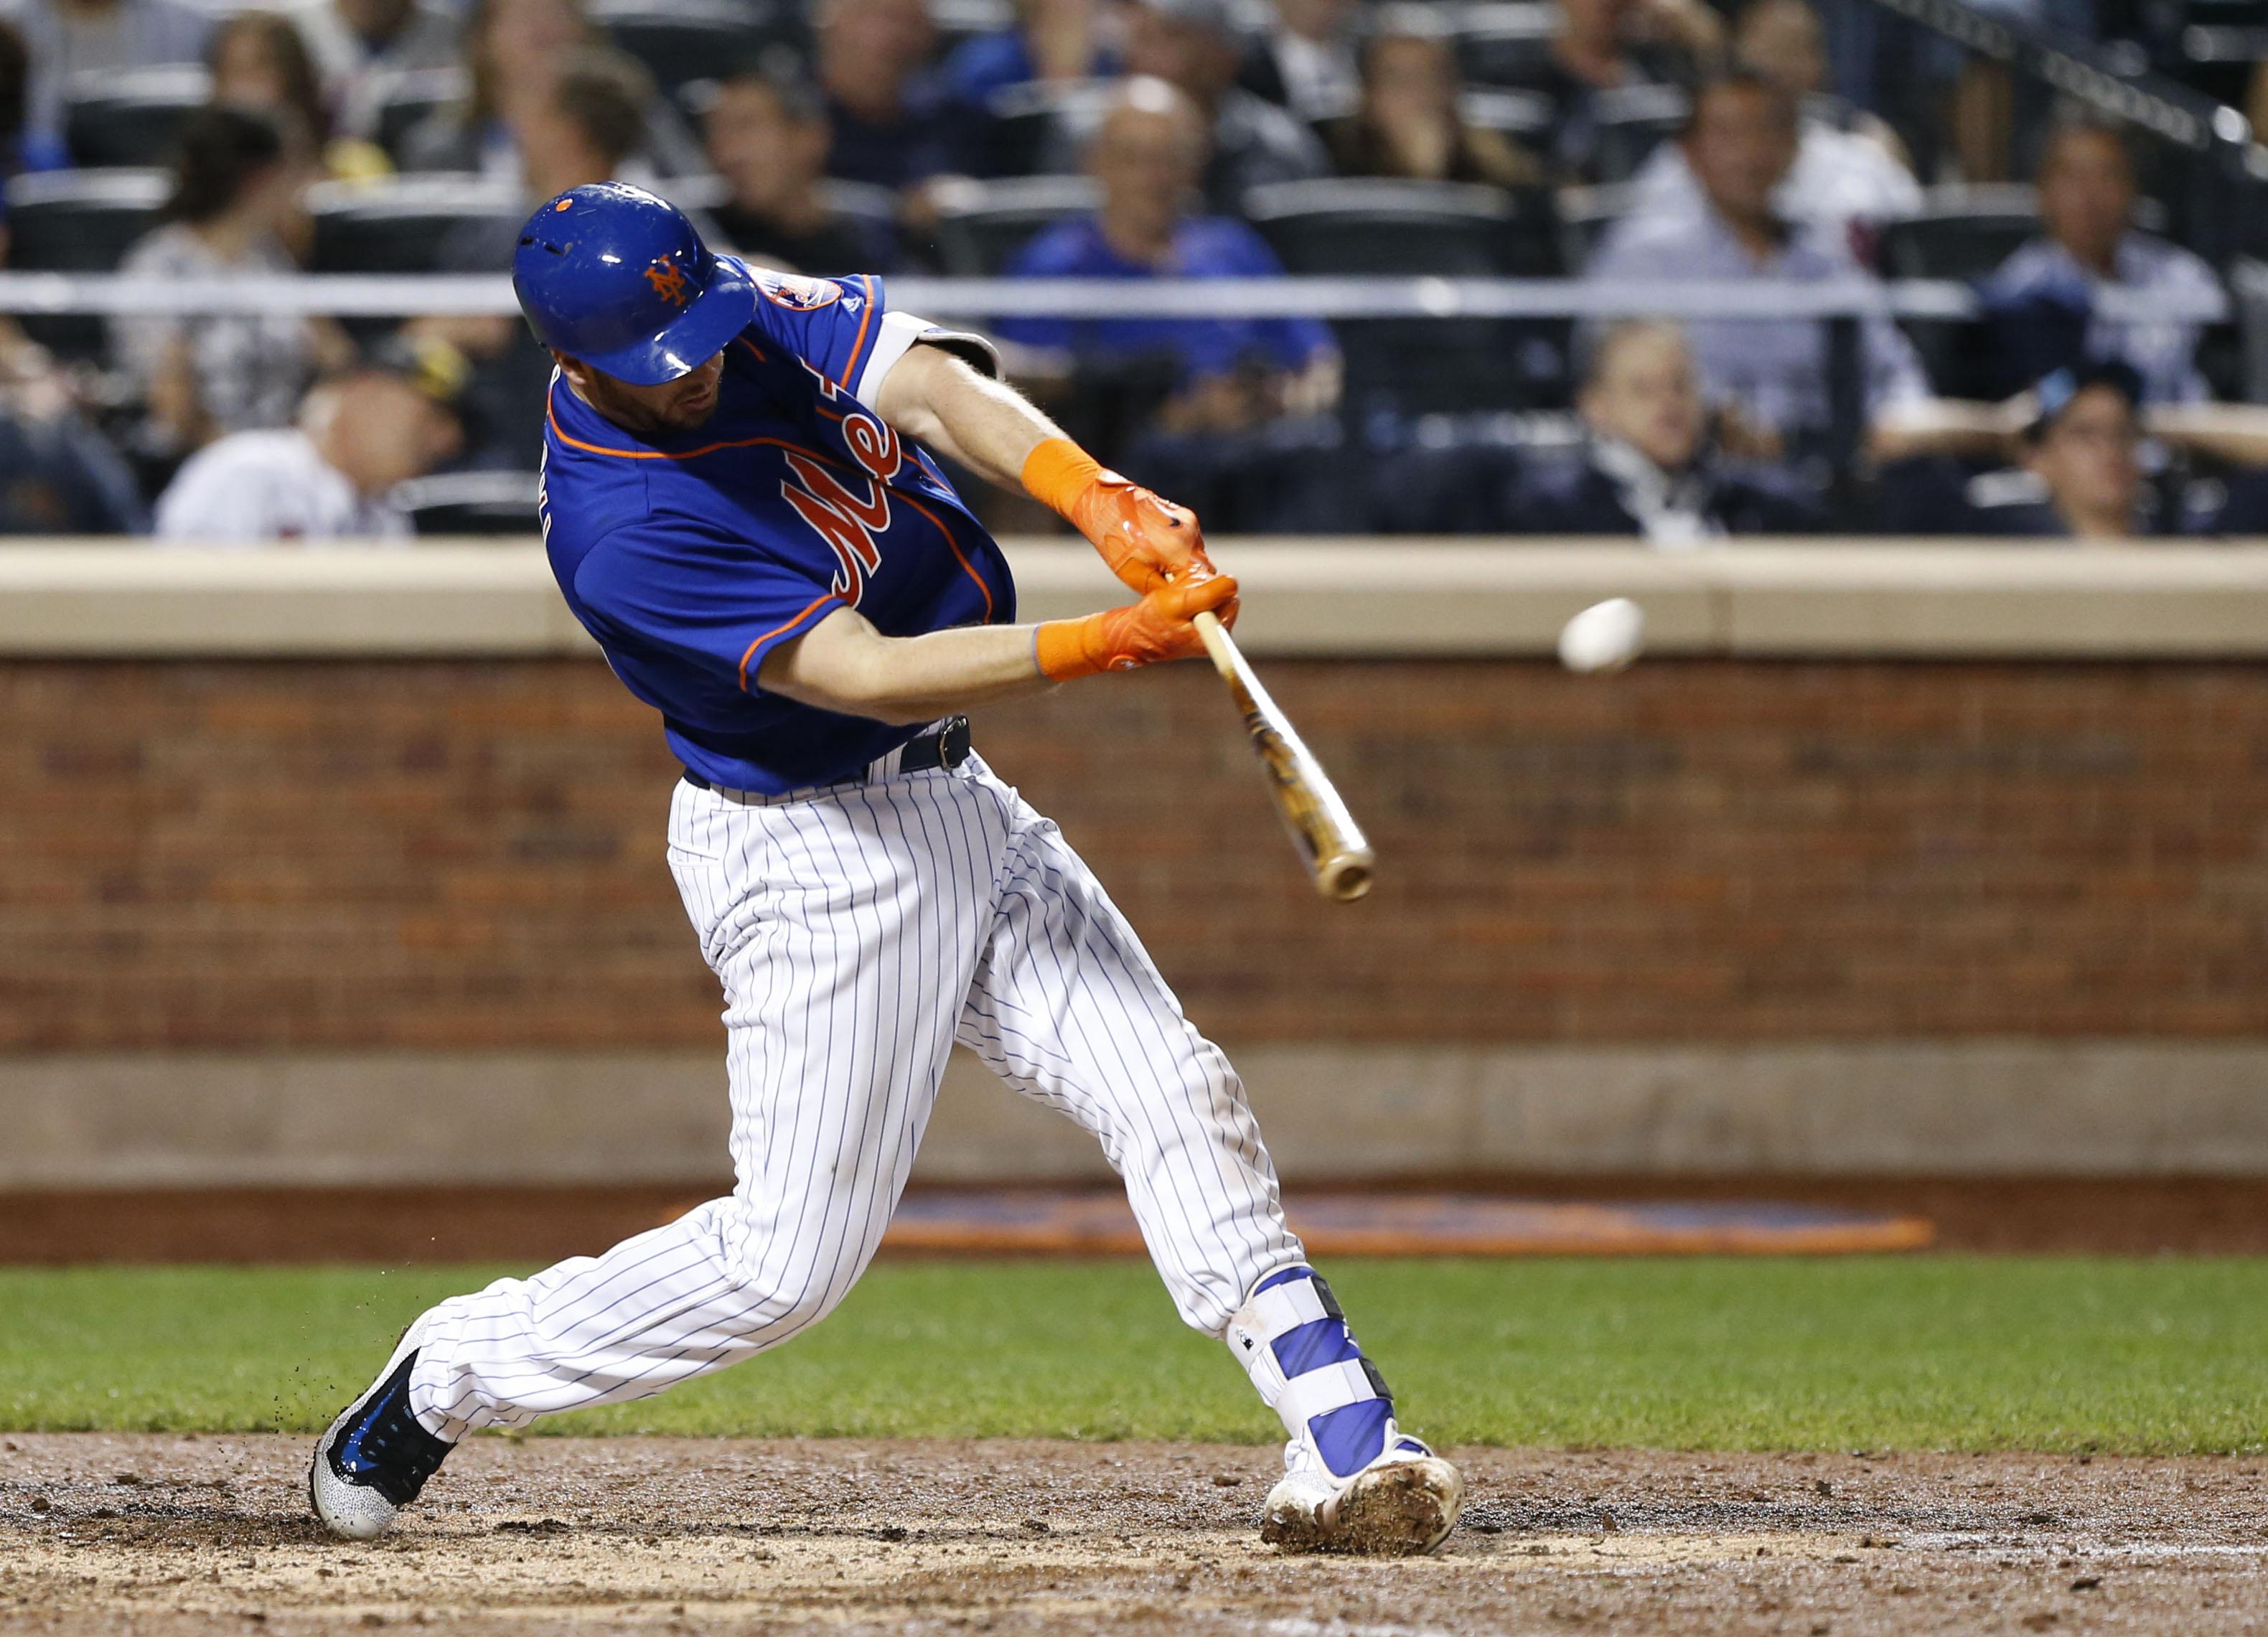 Kevin Plawecki Knocks In Three As New York Mets Lose 10-5